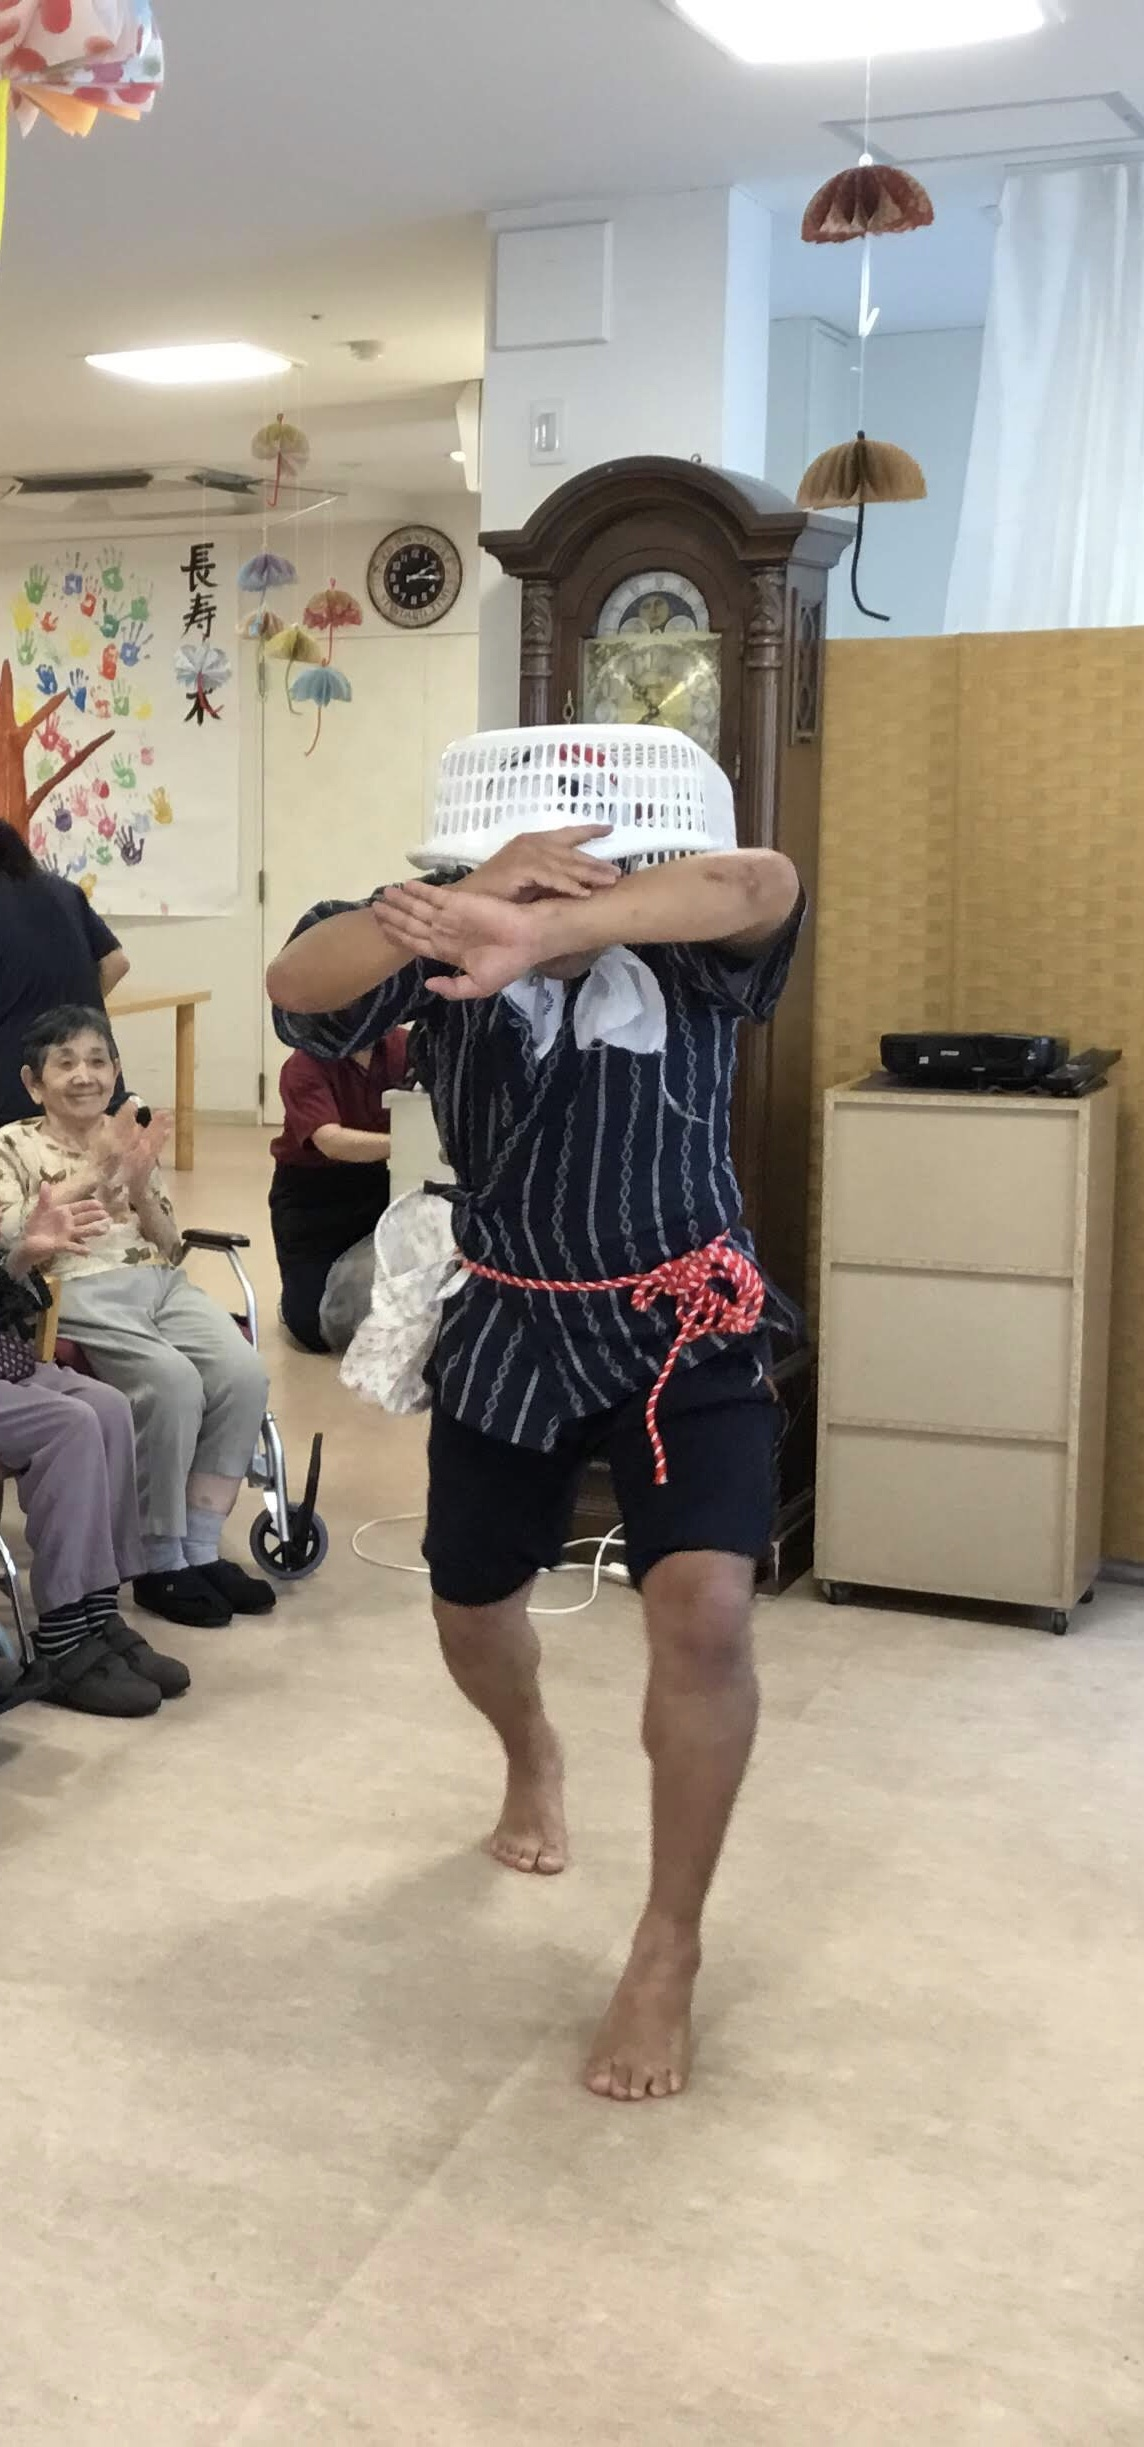 【門真】雨祭り;(´•௰•`)☂